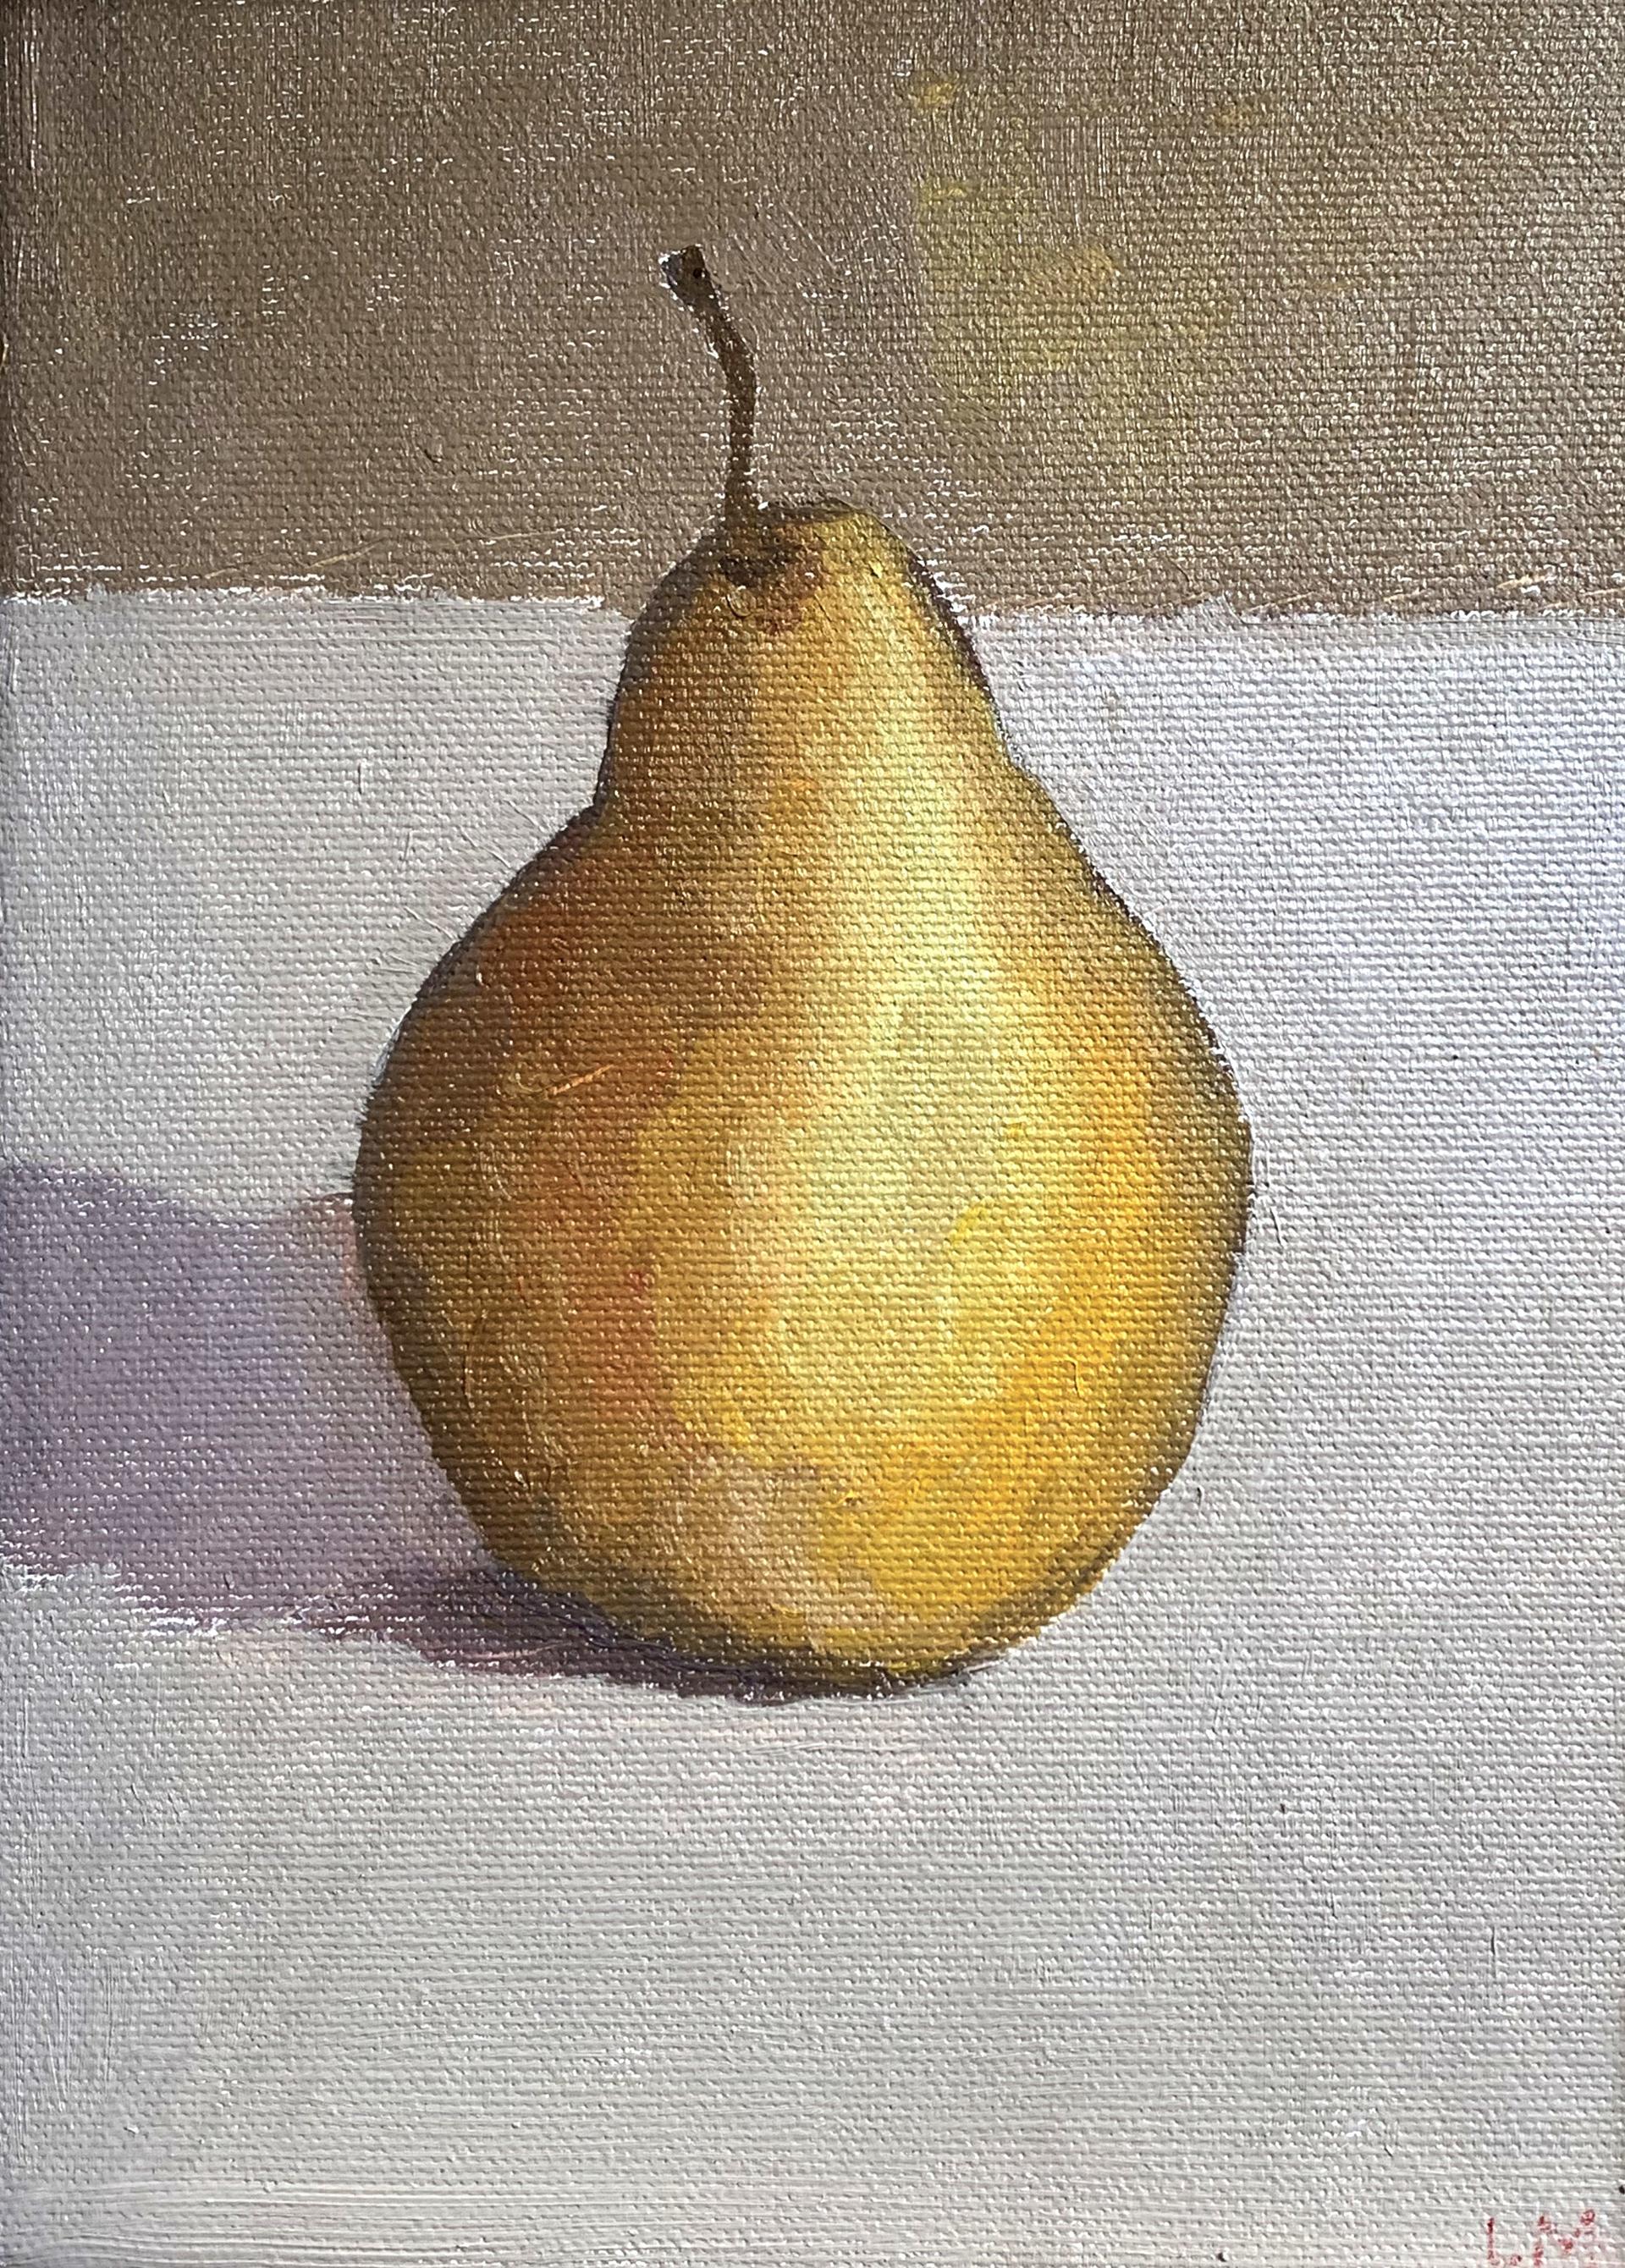 Bosc Pear by Laura Murphey